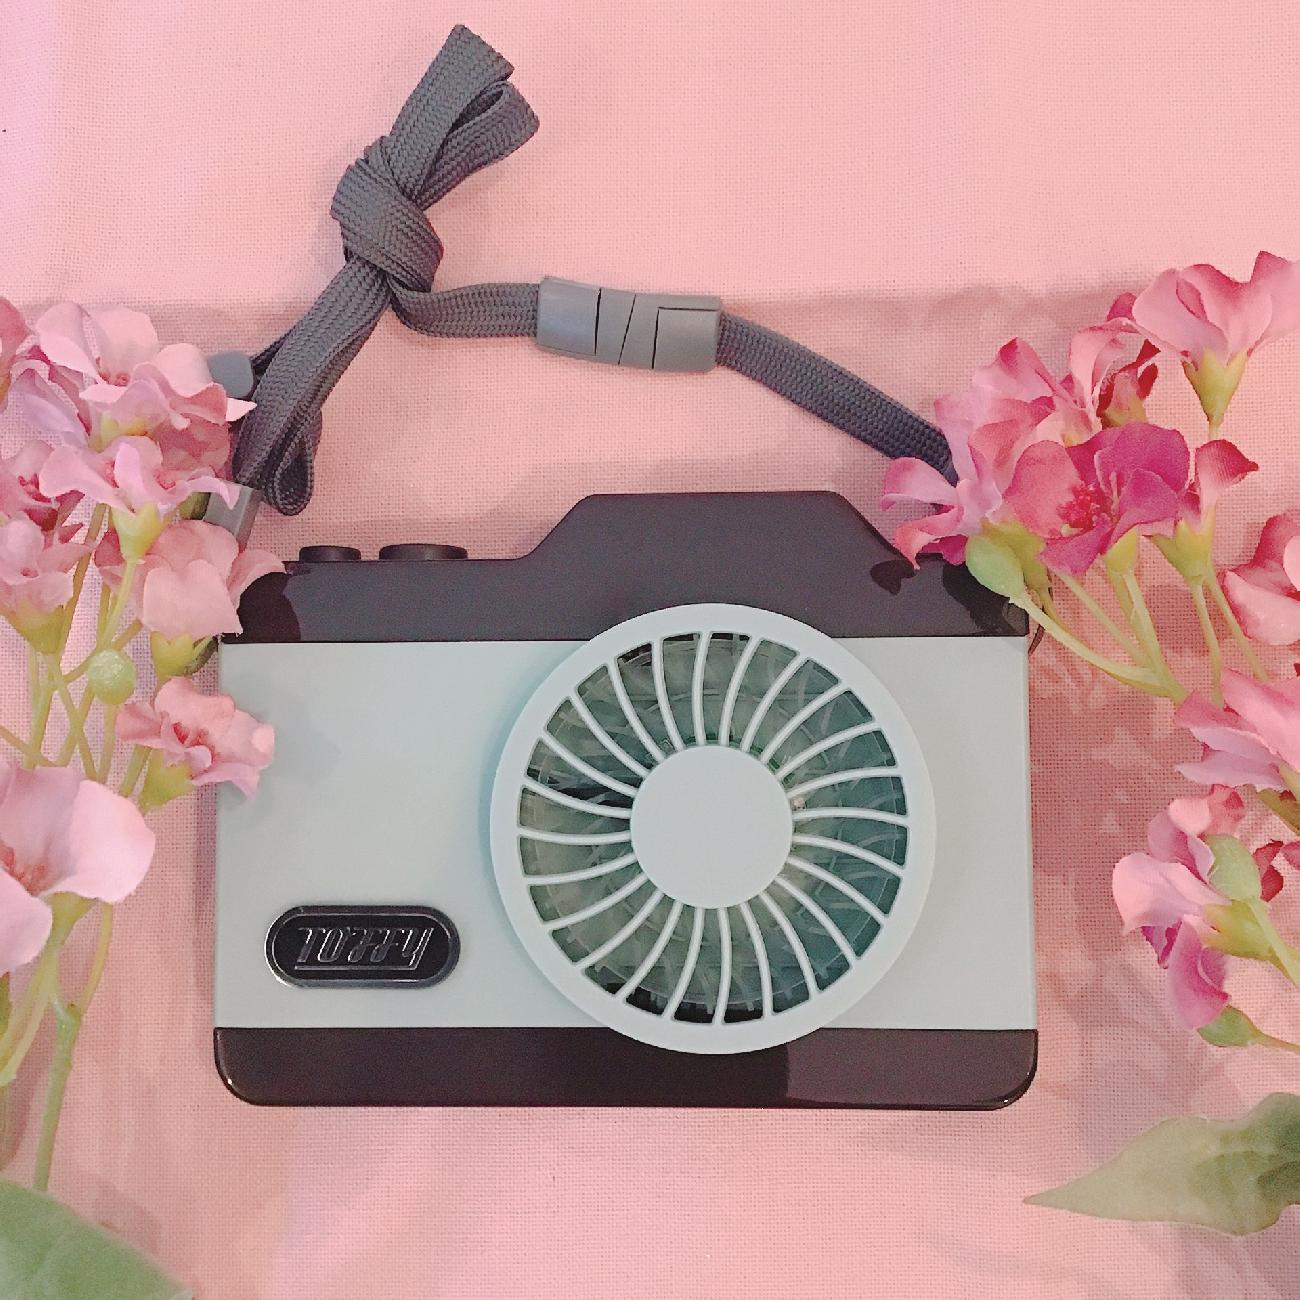 扇風機/カメラファン/ハンズフリー/お出かけ/LED/夏/涼しい/首掛け/アウトドア/レジャー/キャンプ